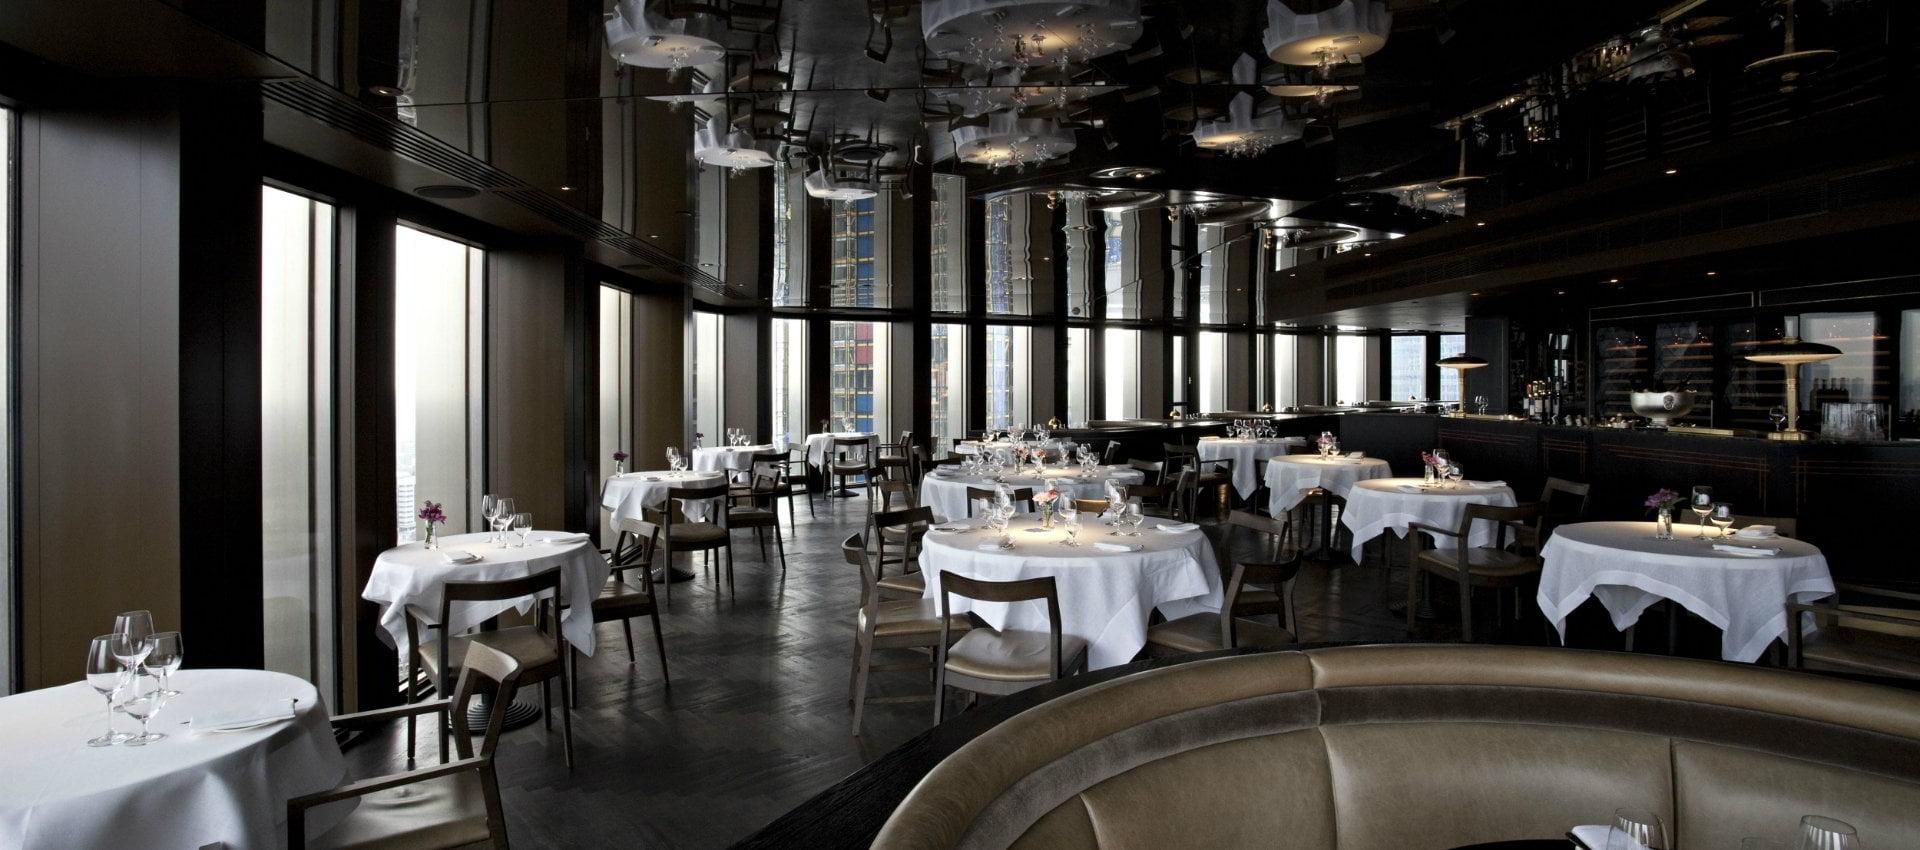 Little Social Restaurant London